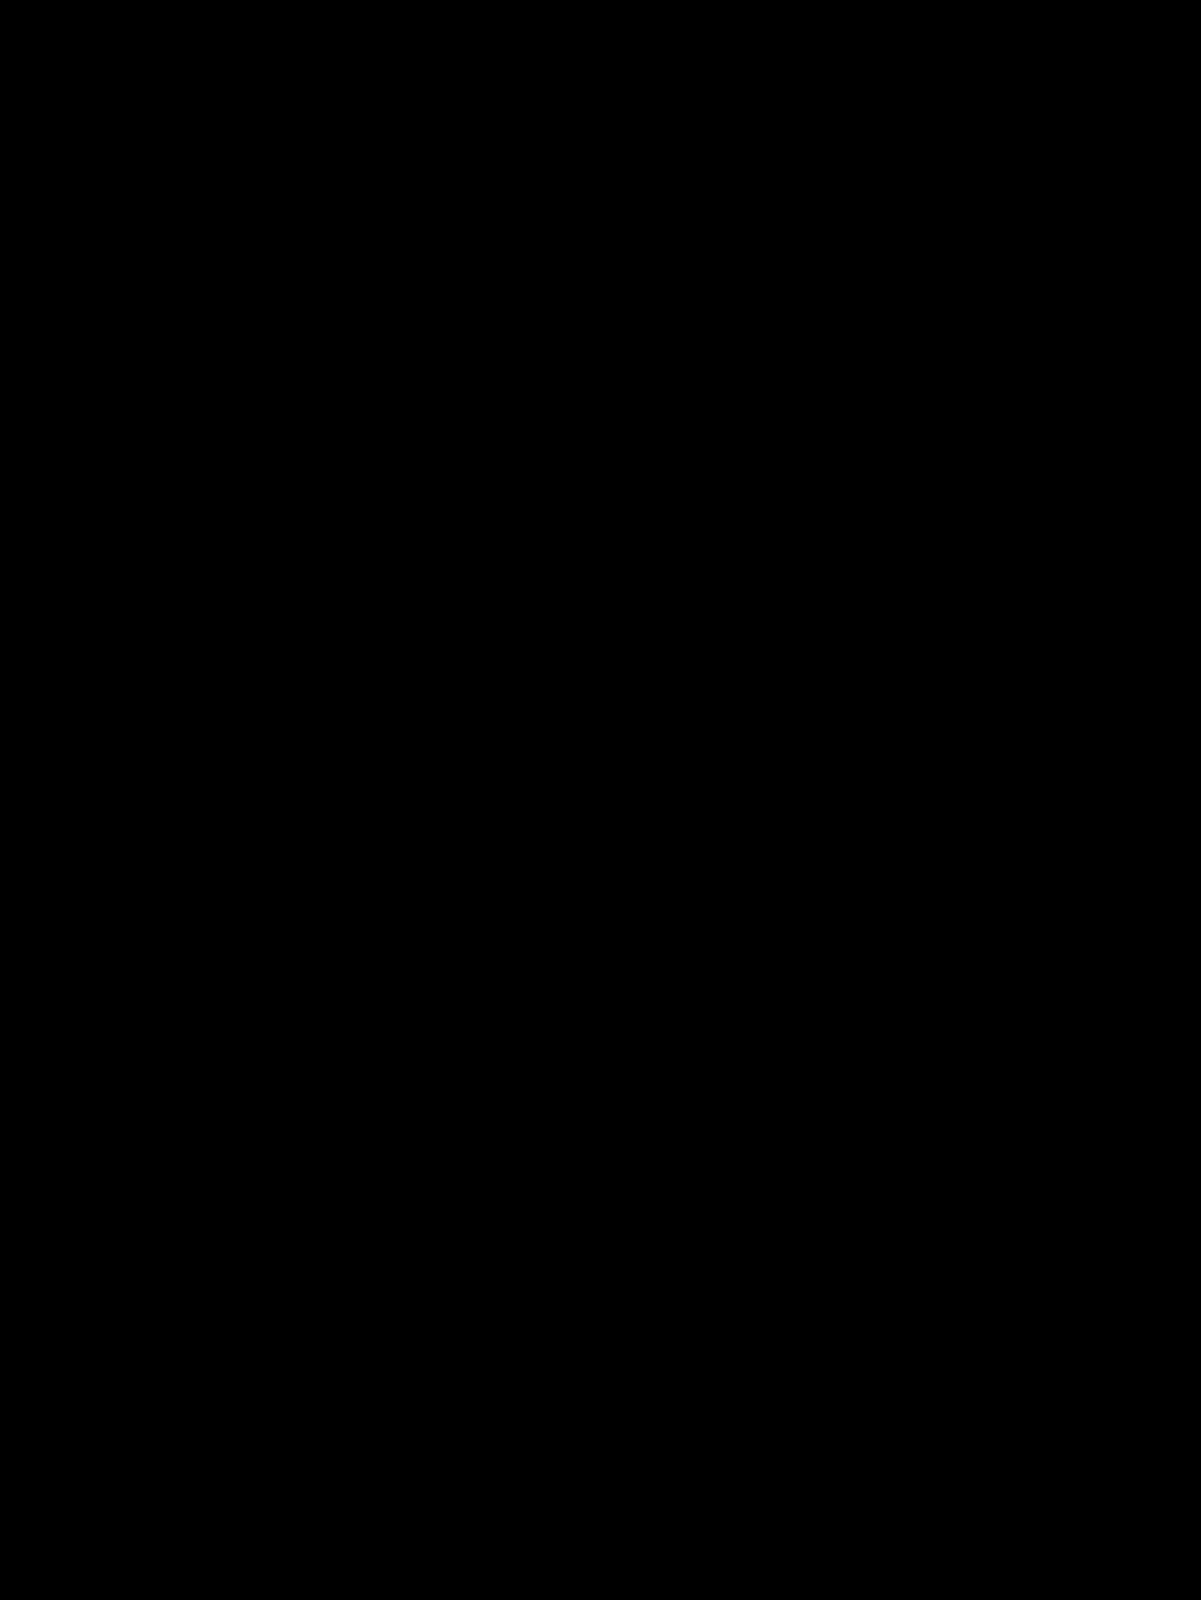 【社會發展組】之「健康紅人 心SEE. 解密」閉幕禮 暨 問卷調查發布會